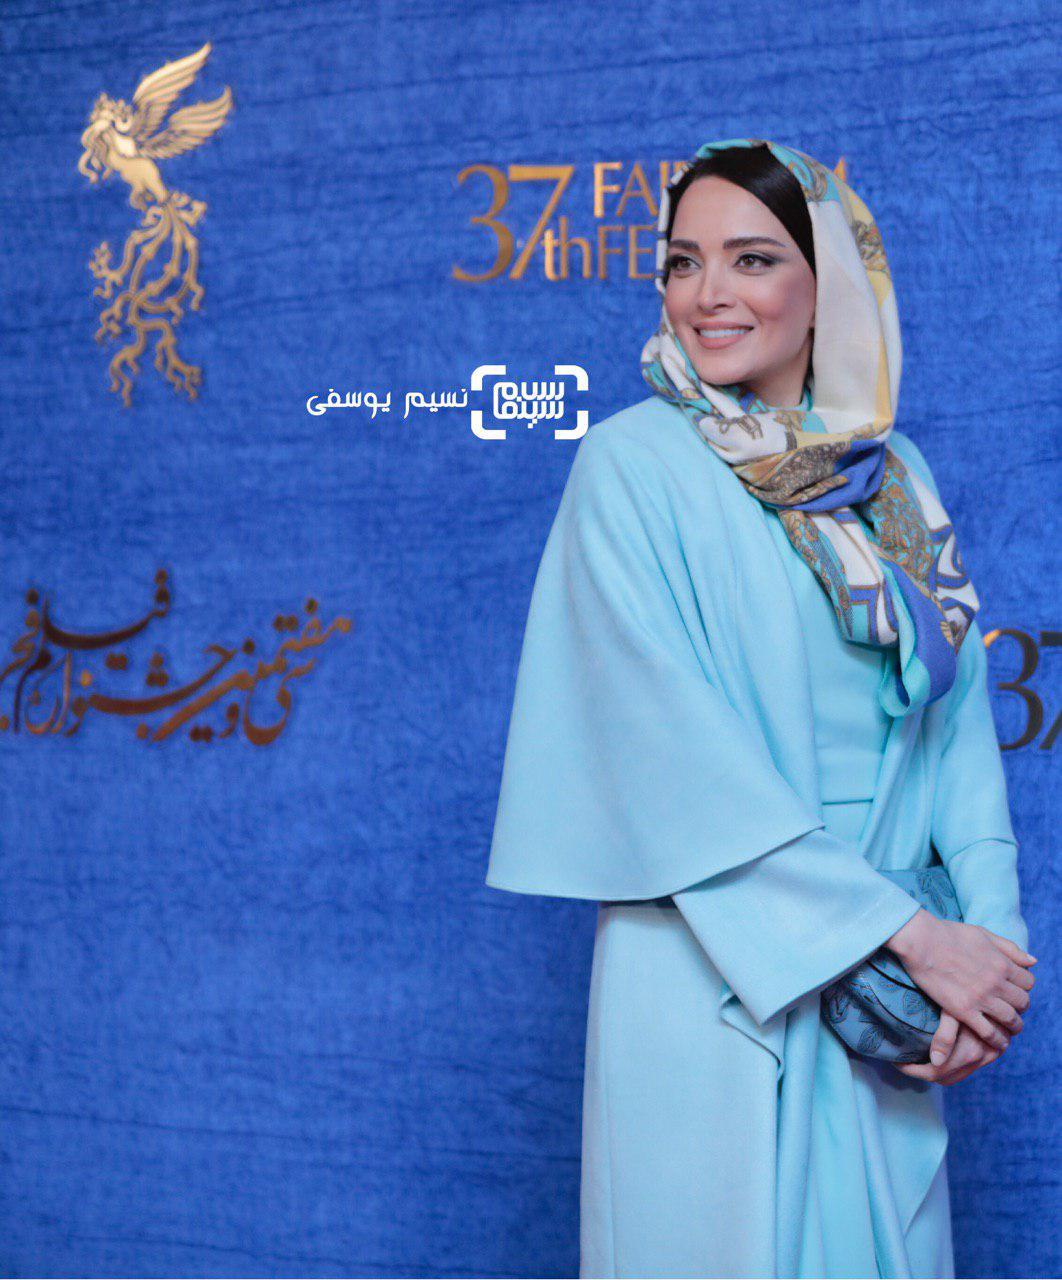 بهنوش طباطبایی گزارش تصویری اکران و نشست فیلم «غلامرضا تختی»/جشنواره فجر 37